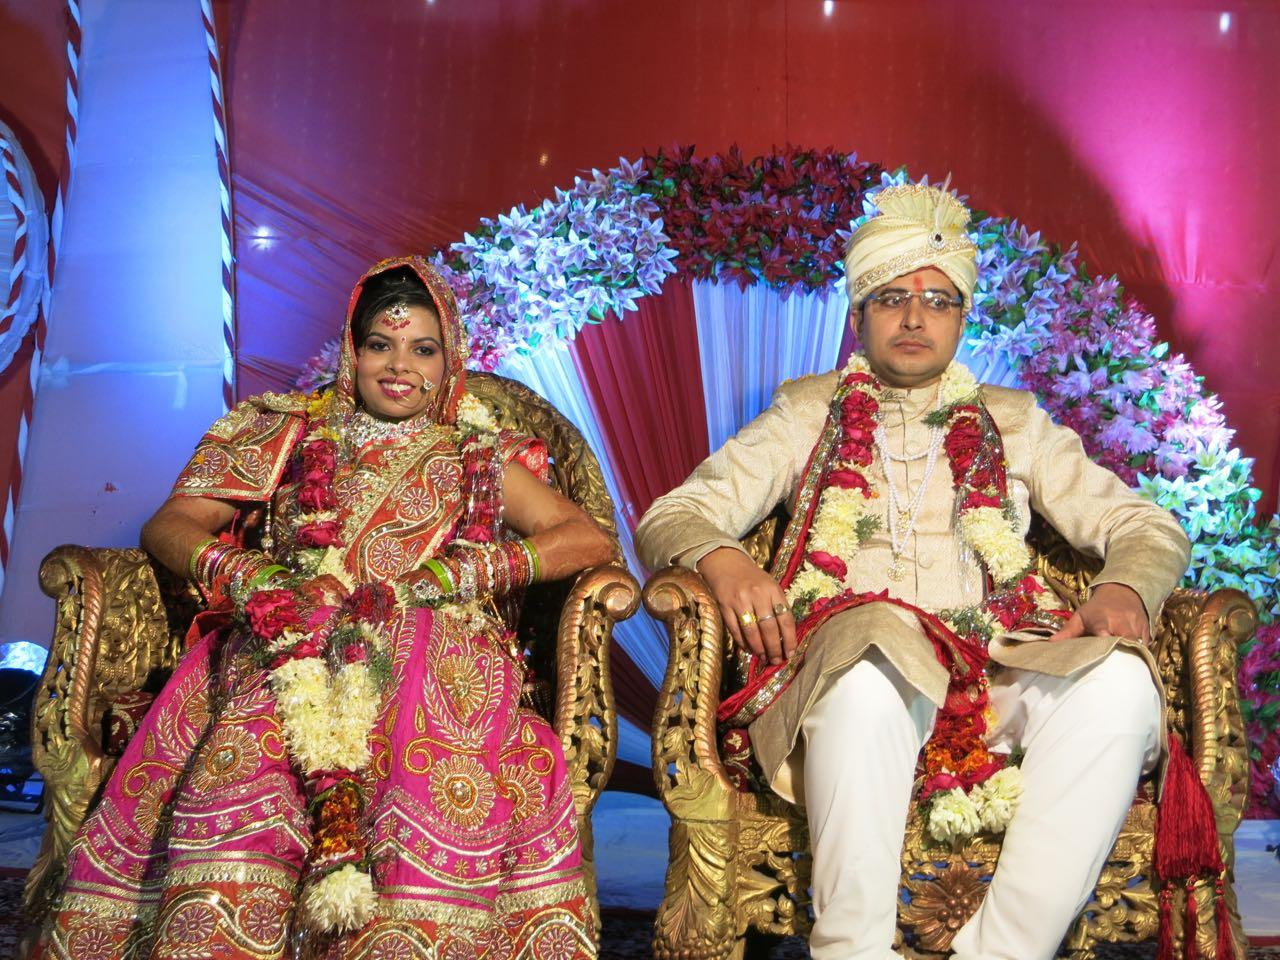 Opfern, Schmausen, Feiern: Eine Indische Hochzeit - Abendkleid